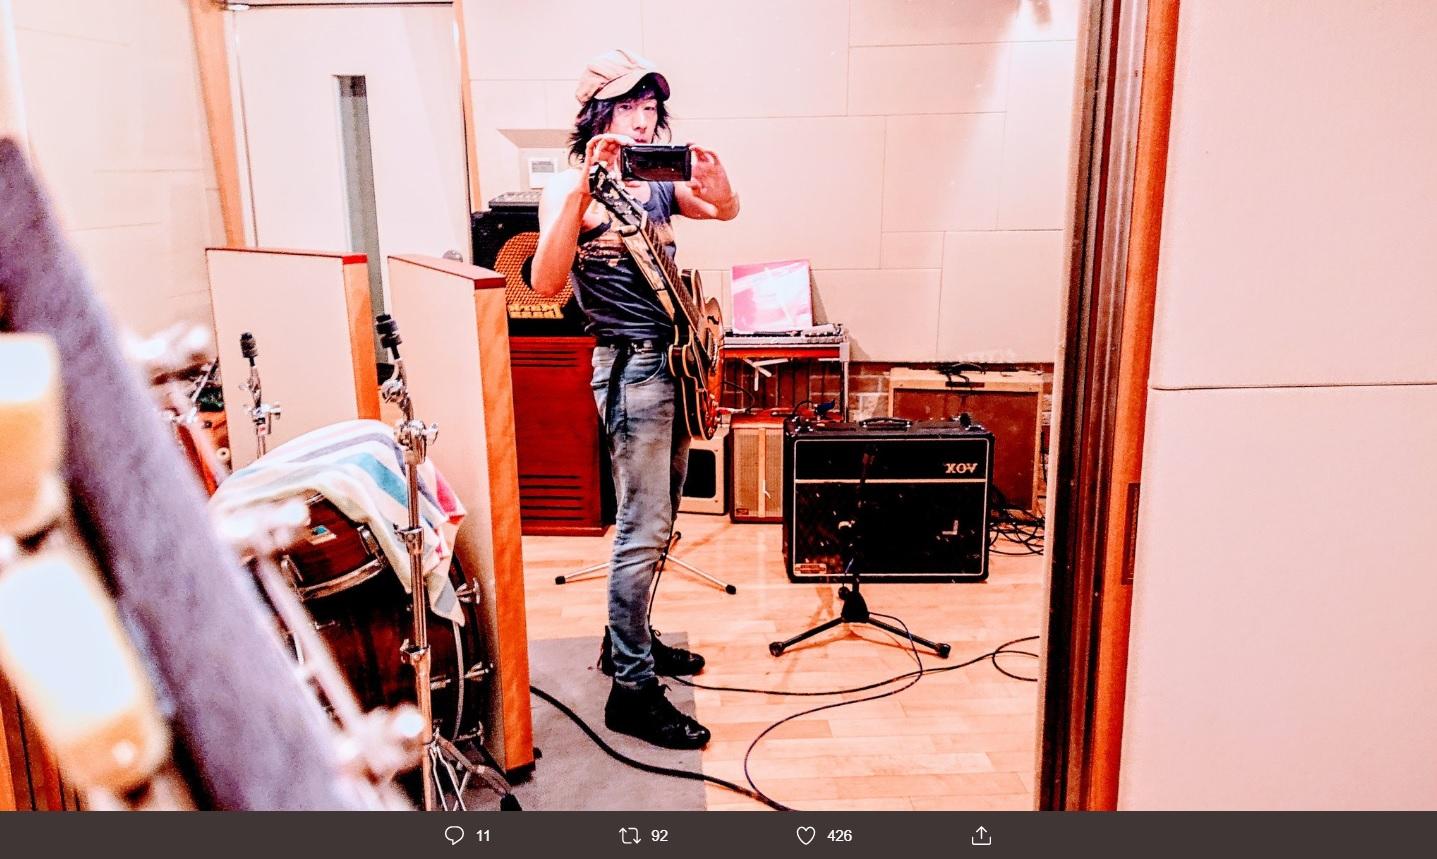 ギターを肩から下げたNAOKI(画像は『NAOKI PSYCHEDELICO 2019年10月19日付Twitter「無宗教ですが、MIX作業を中断してこの期に及んで思いついてしまったギターのダビングレコーディングに戻ってしまっている僕を、神様お許しください」』のスクリーンショット)